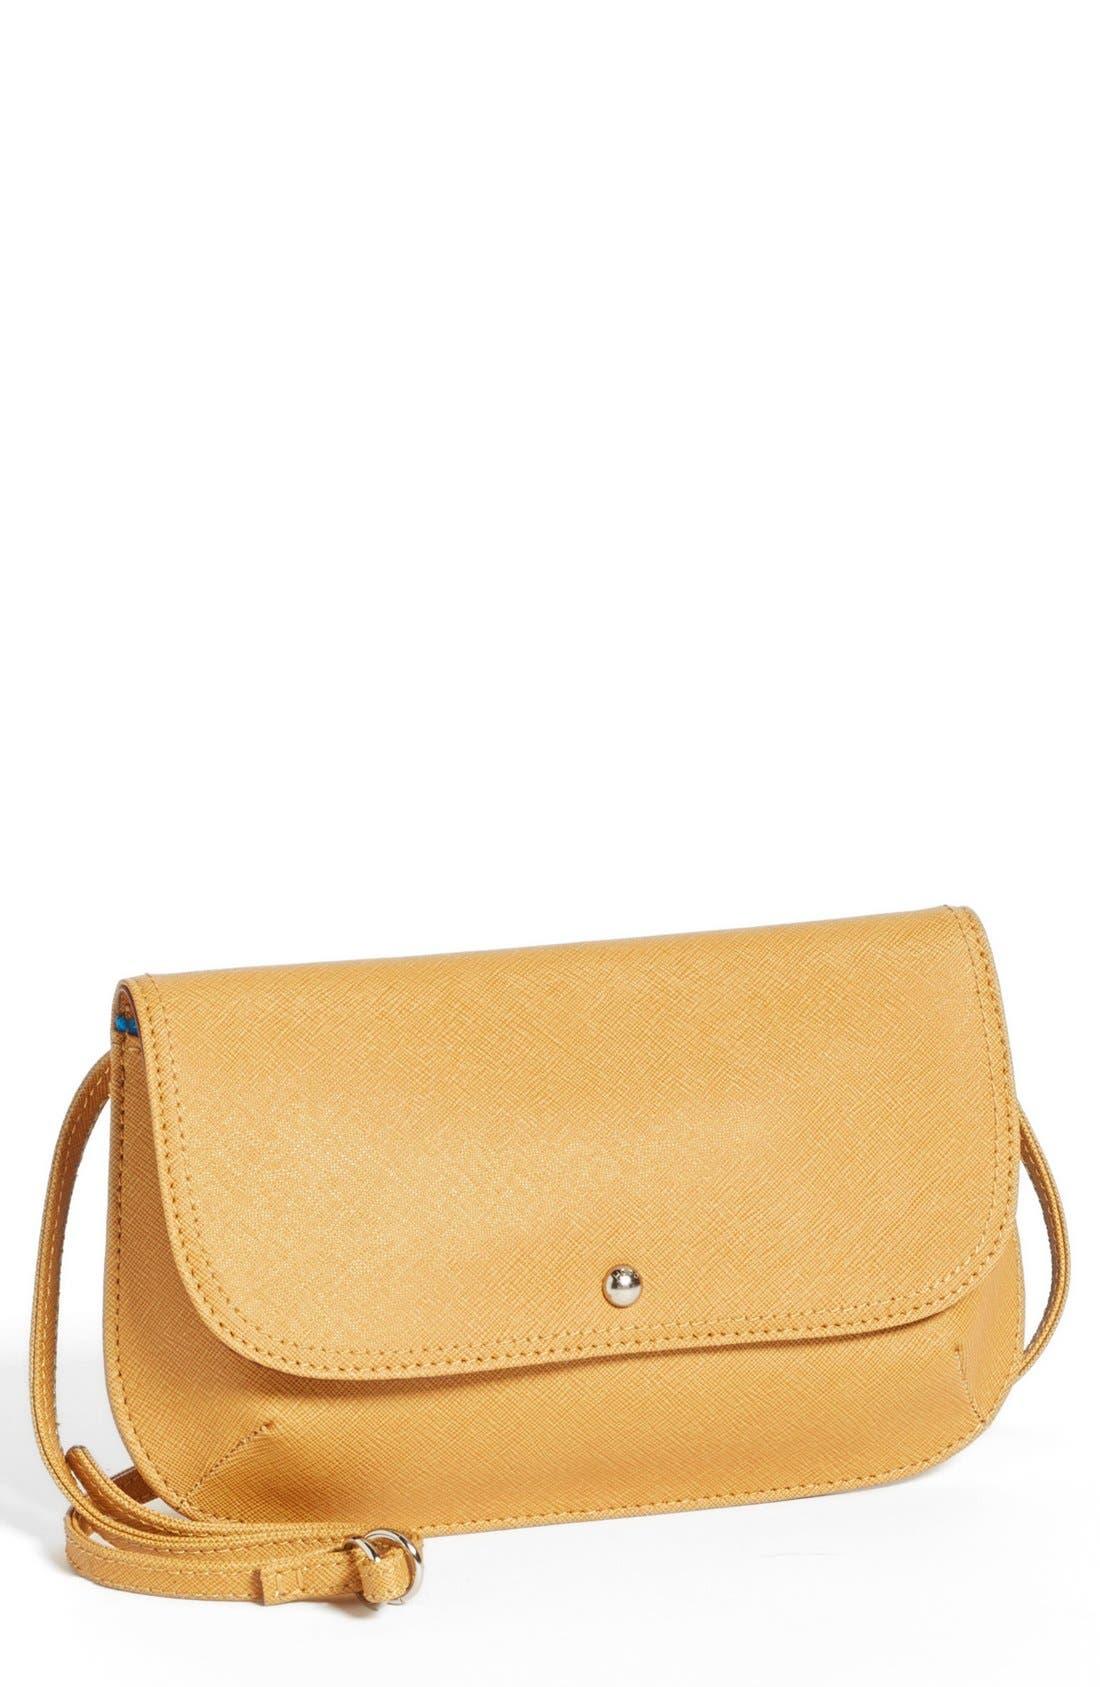 Alternate Image 1 Selected - Hobo 'Brigida' Bag